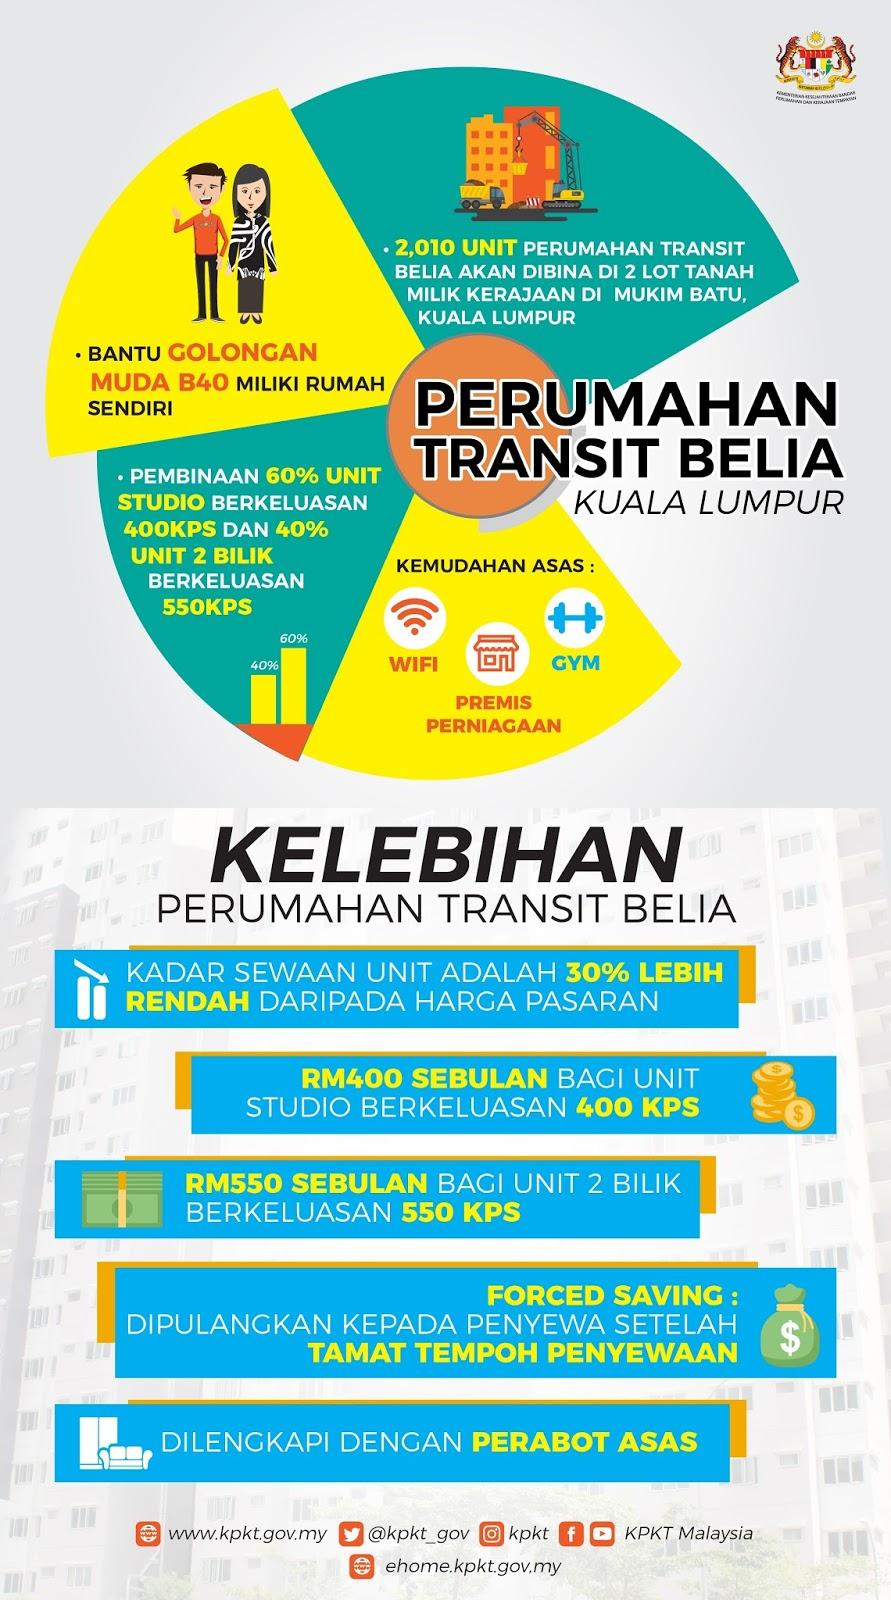 rumah transit 1 malaysia, syarat-syarat permohonan, cara memohon, kemudahan yang disediakan